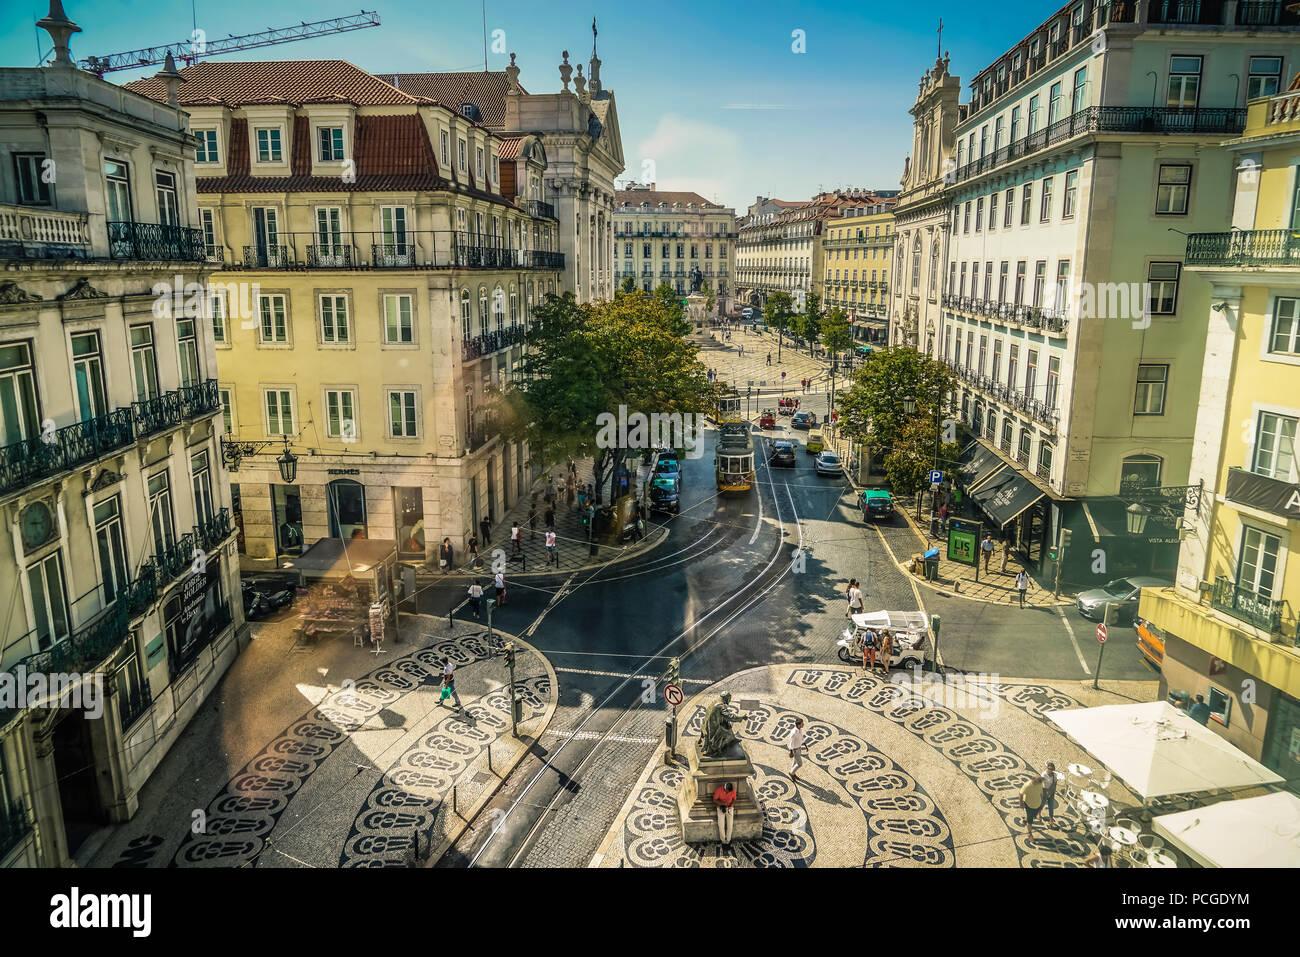 Lissabon. Chiado mit Praca de Camões im Hintergrund. Stockbild